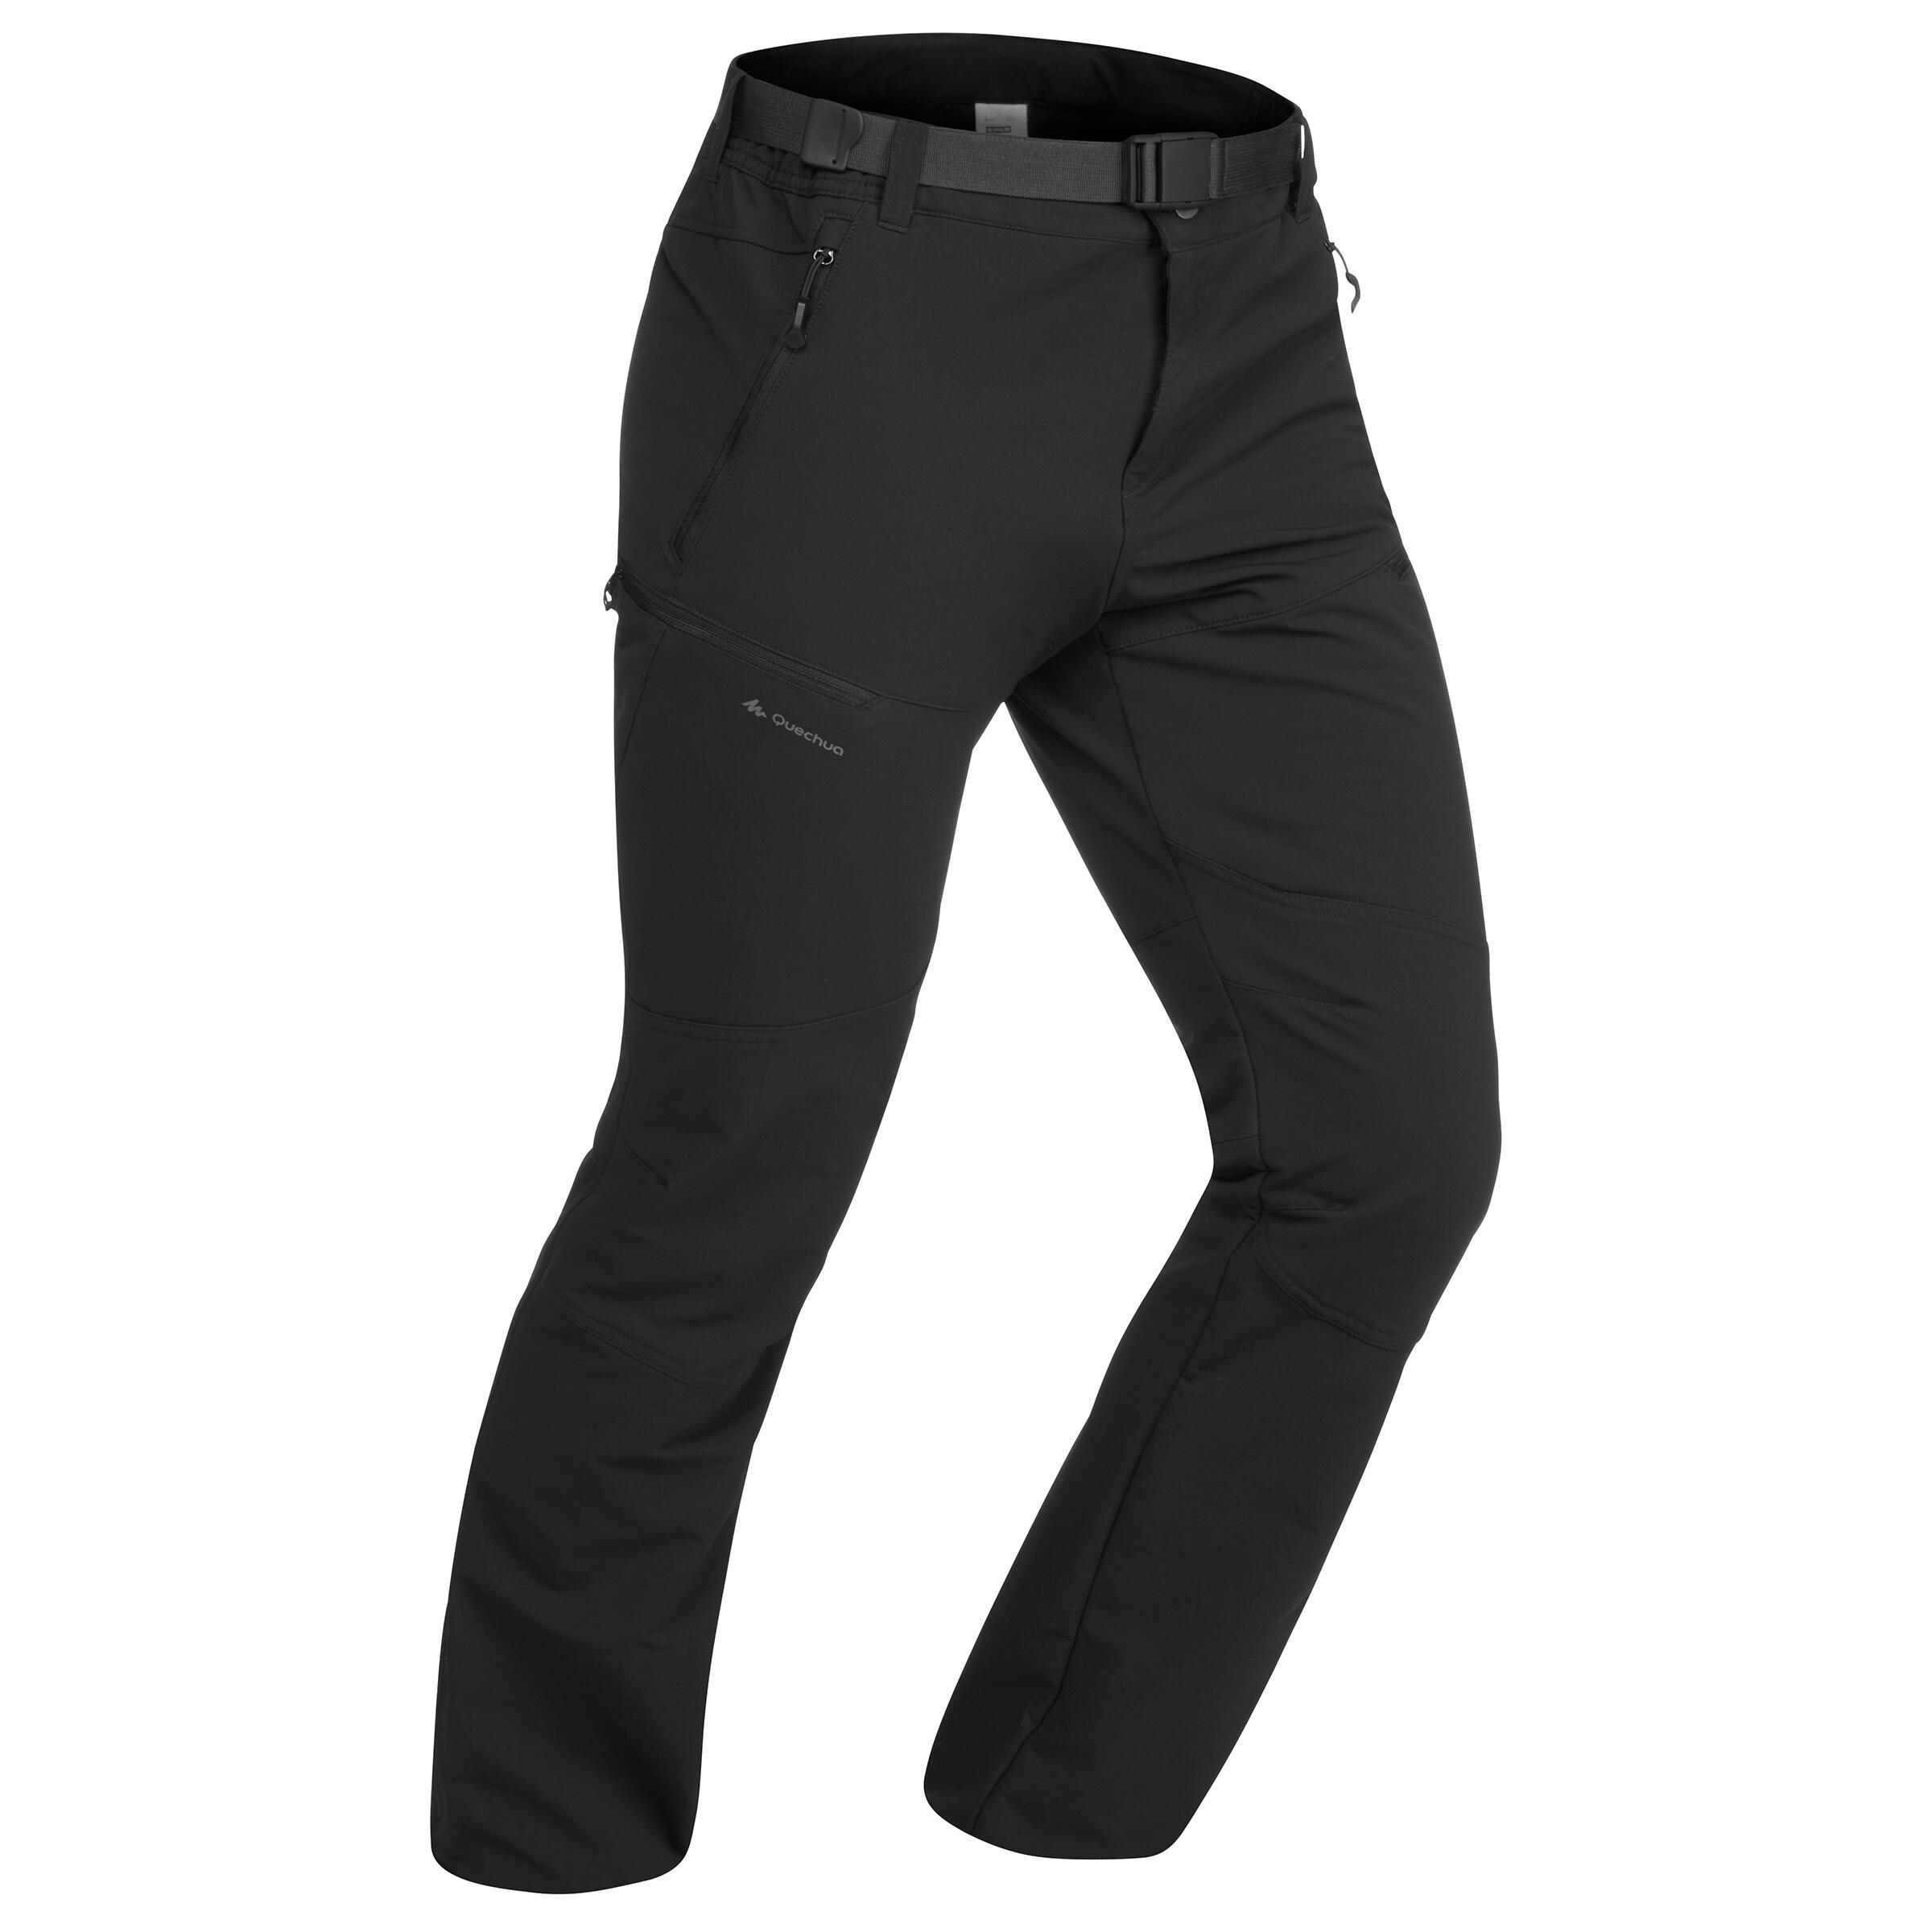 Softshellhose Winterwandern SH500 Extra-Warm Herren schwarz | Sportbekleidung > Sporthosen > Softshellhosen | Schwarz | Quechua